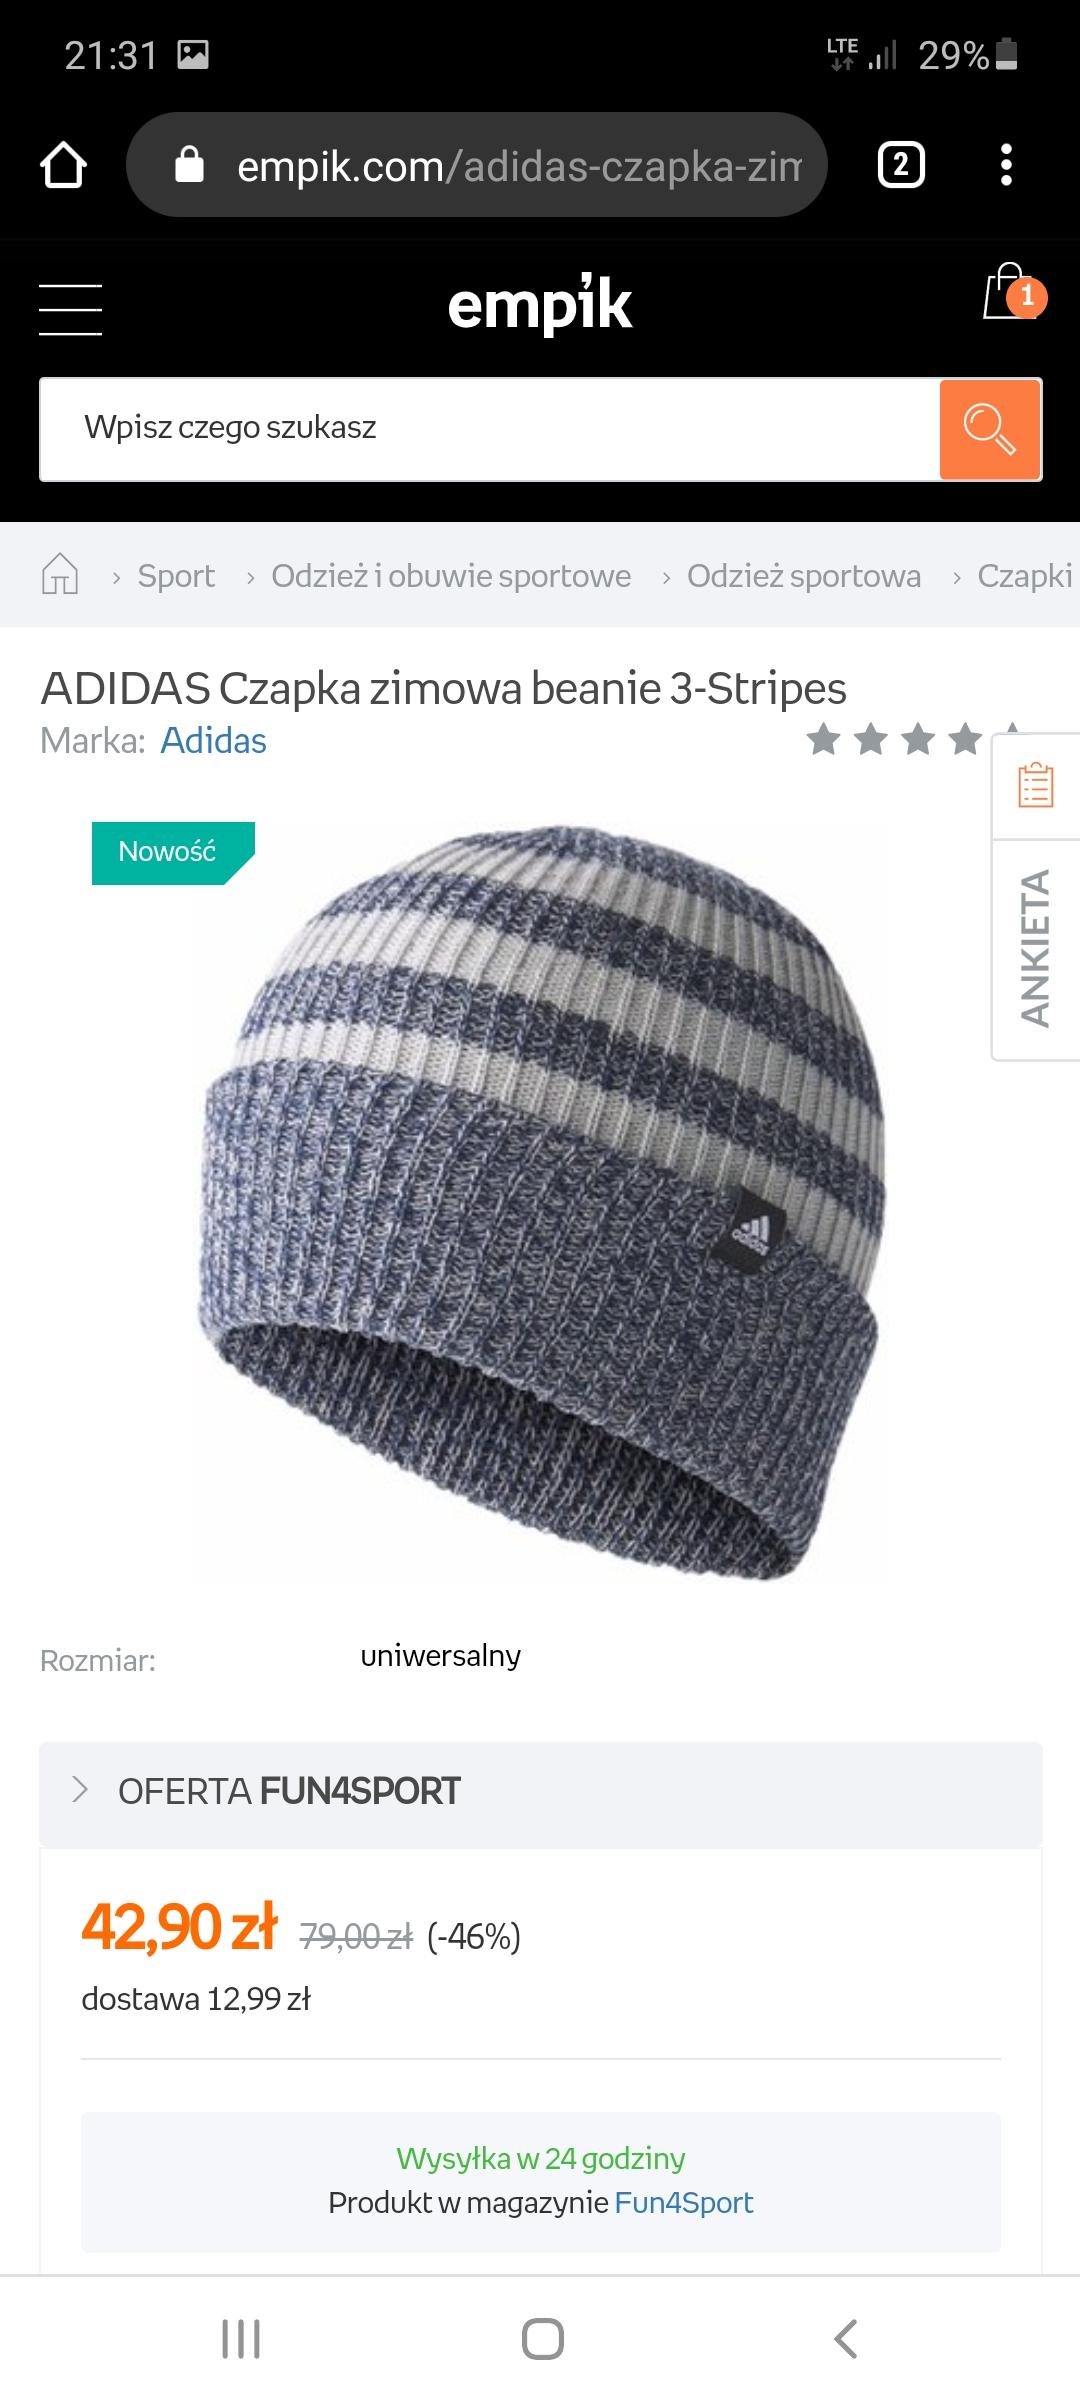 Adidas na empik.com